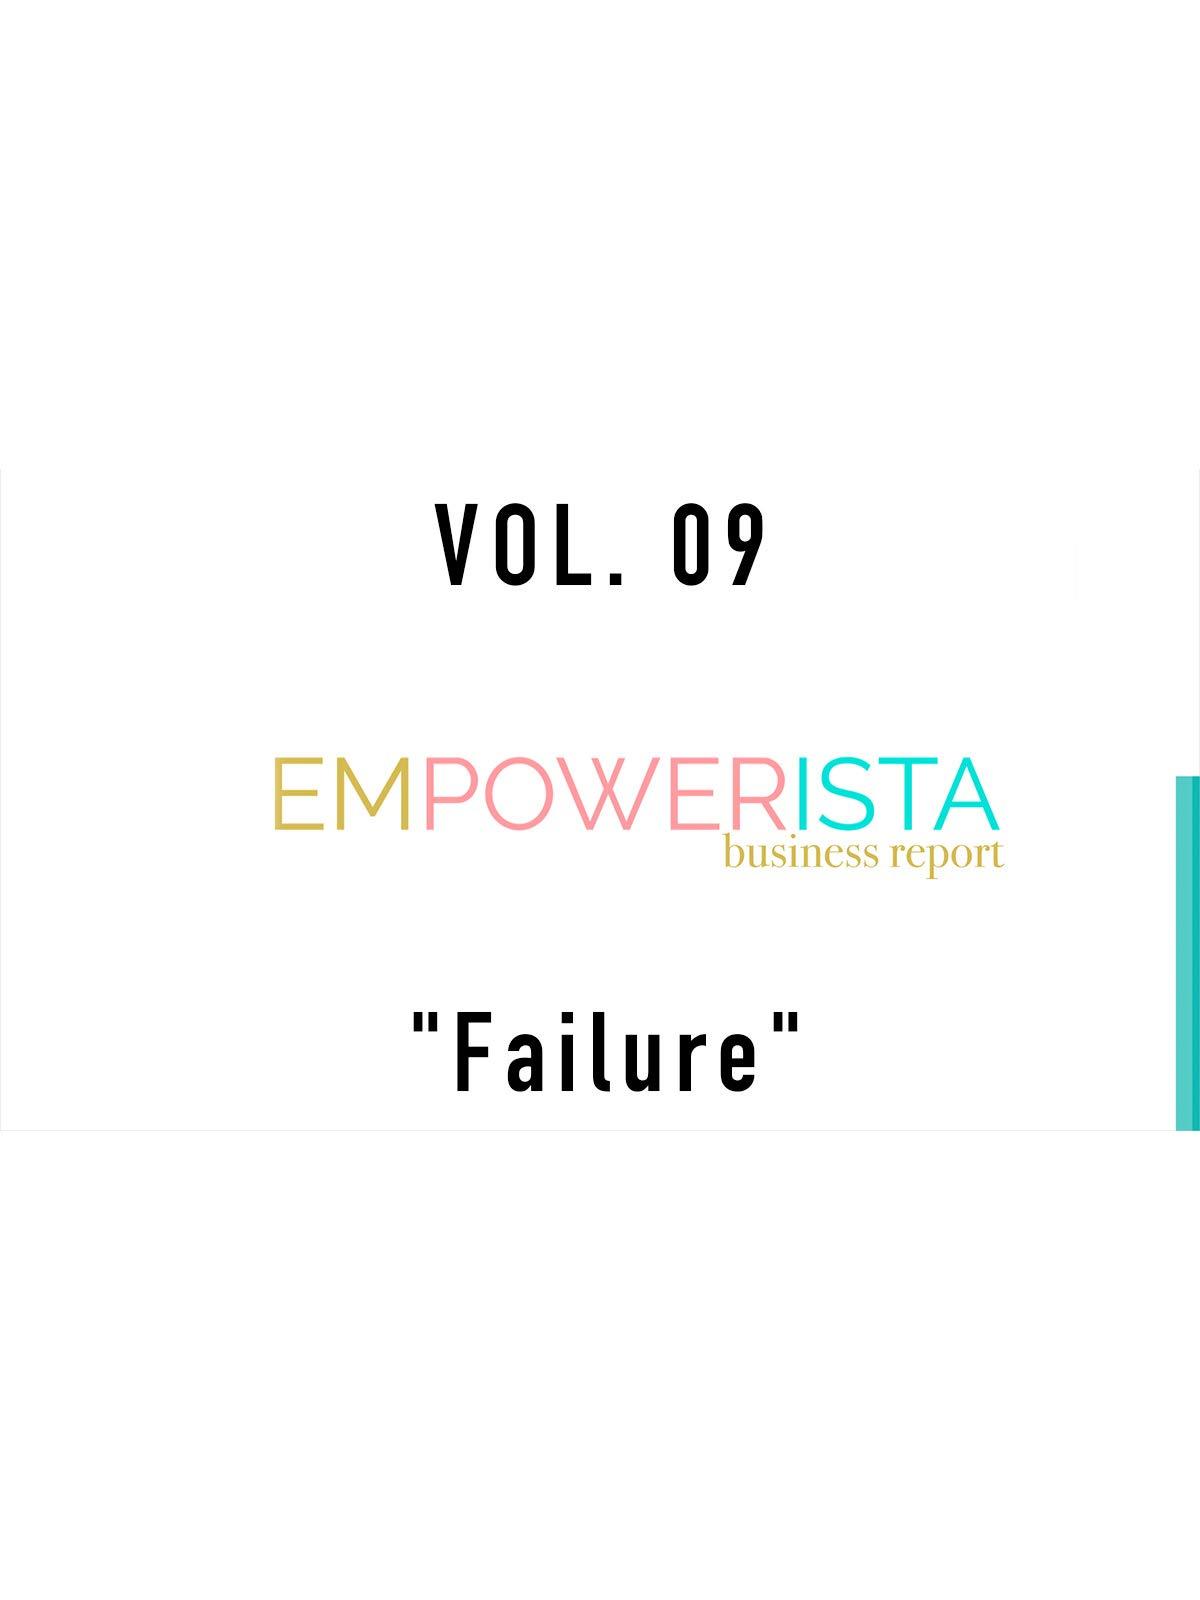 Empowerista Vol. 09